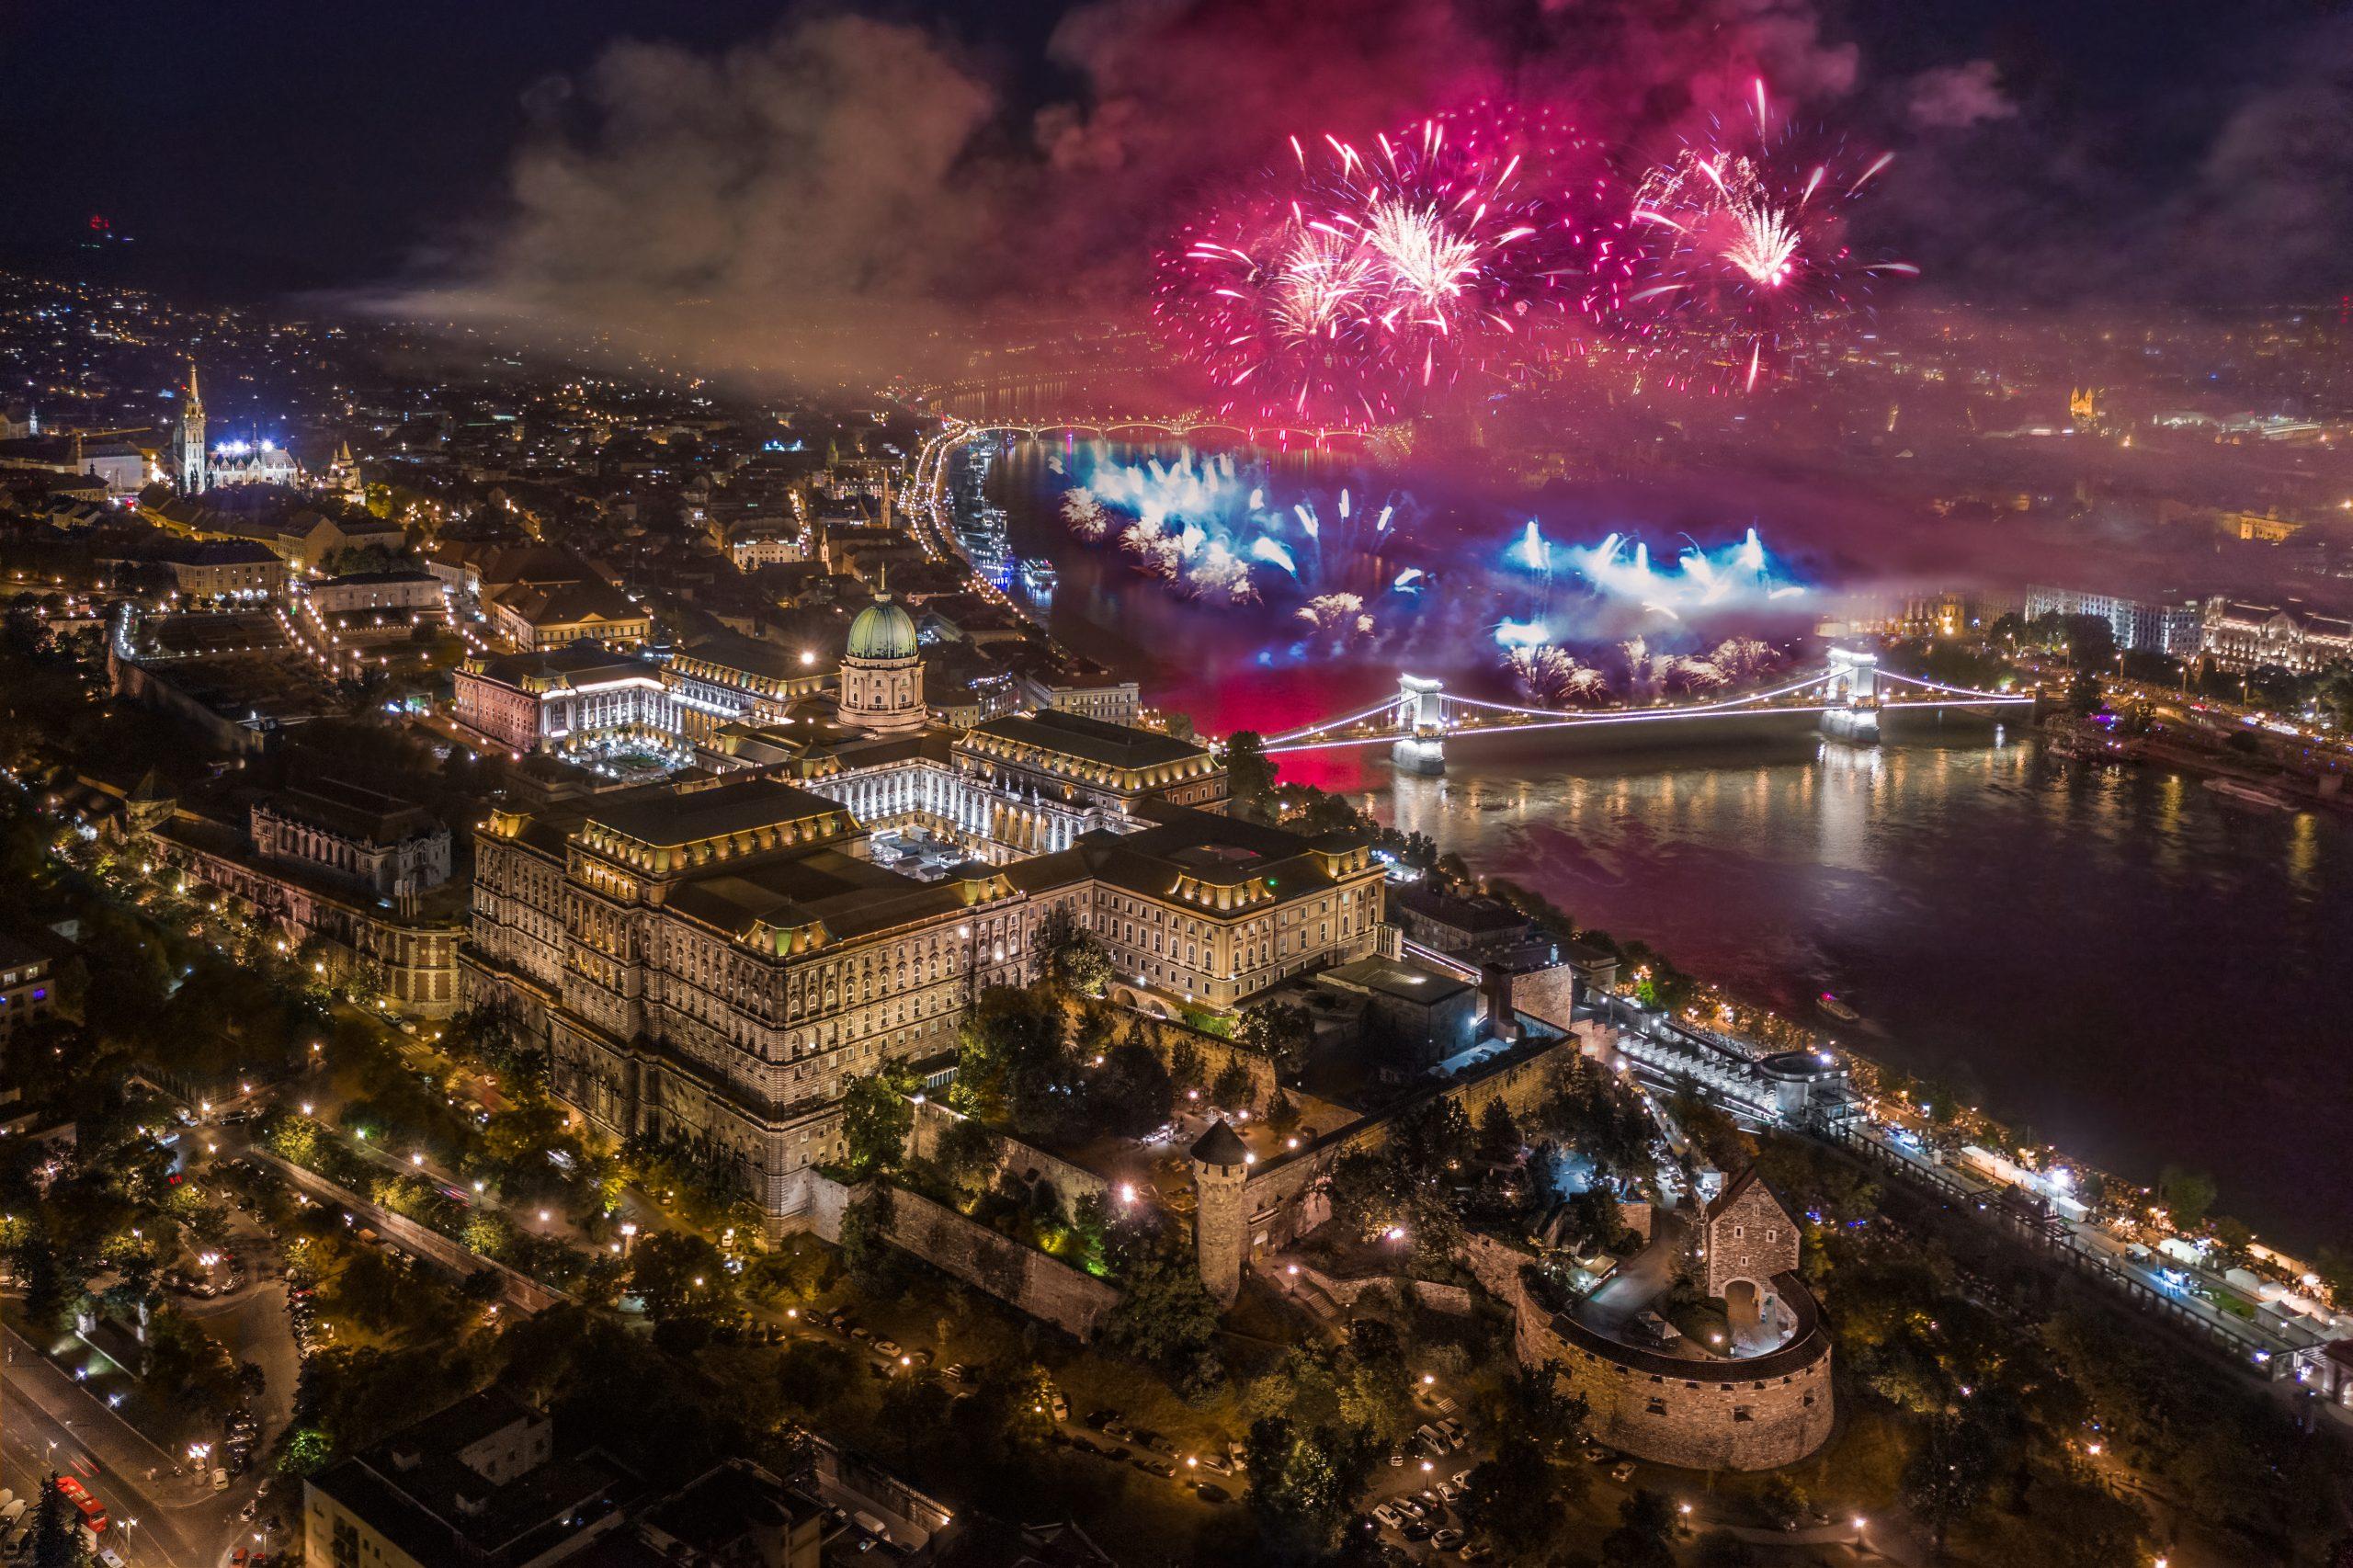 Minden eddiginél látványosabb lesz az augusztus 20-ai tűzijáték Budapesten